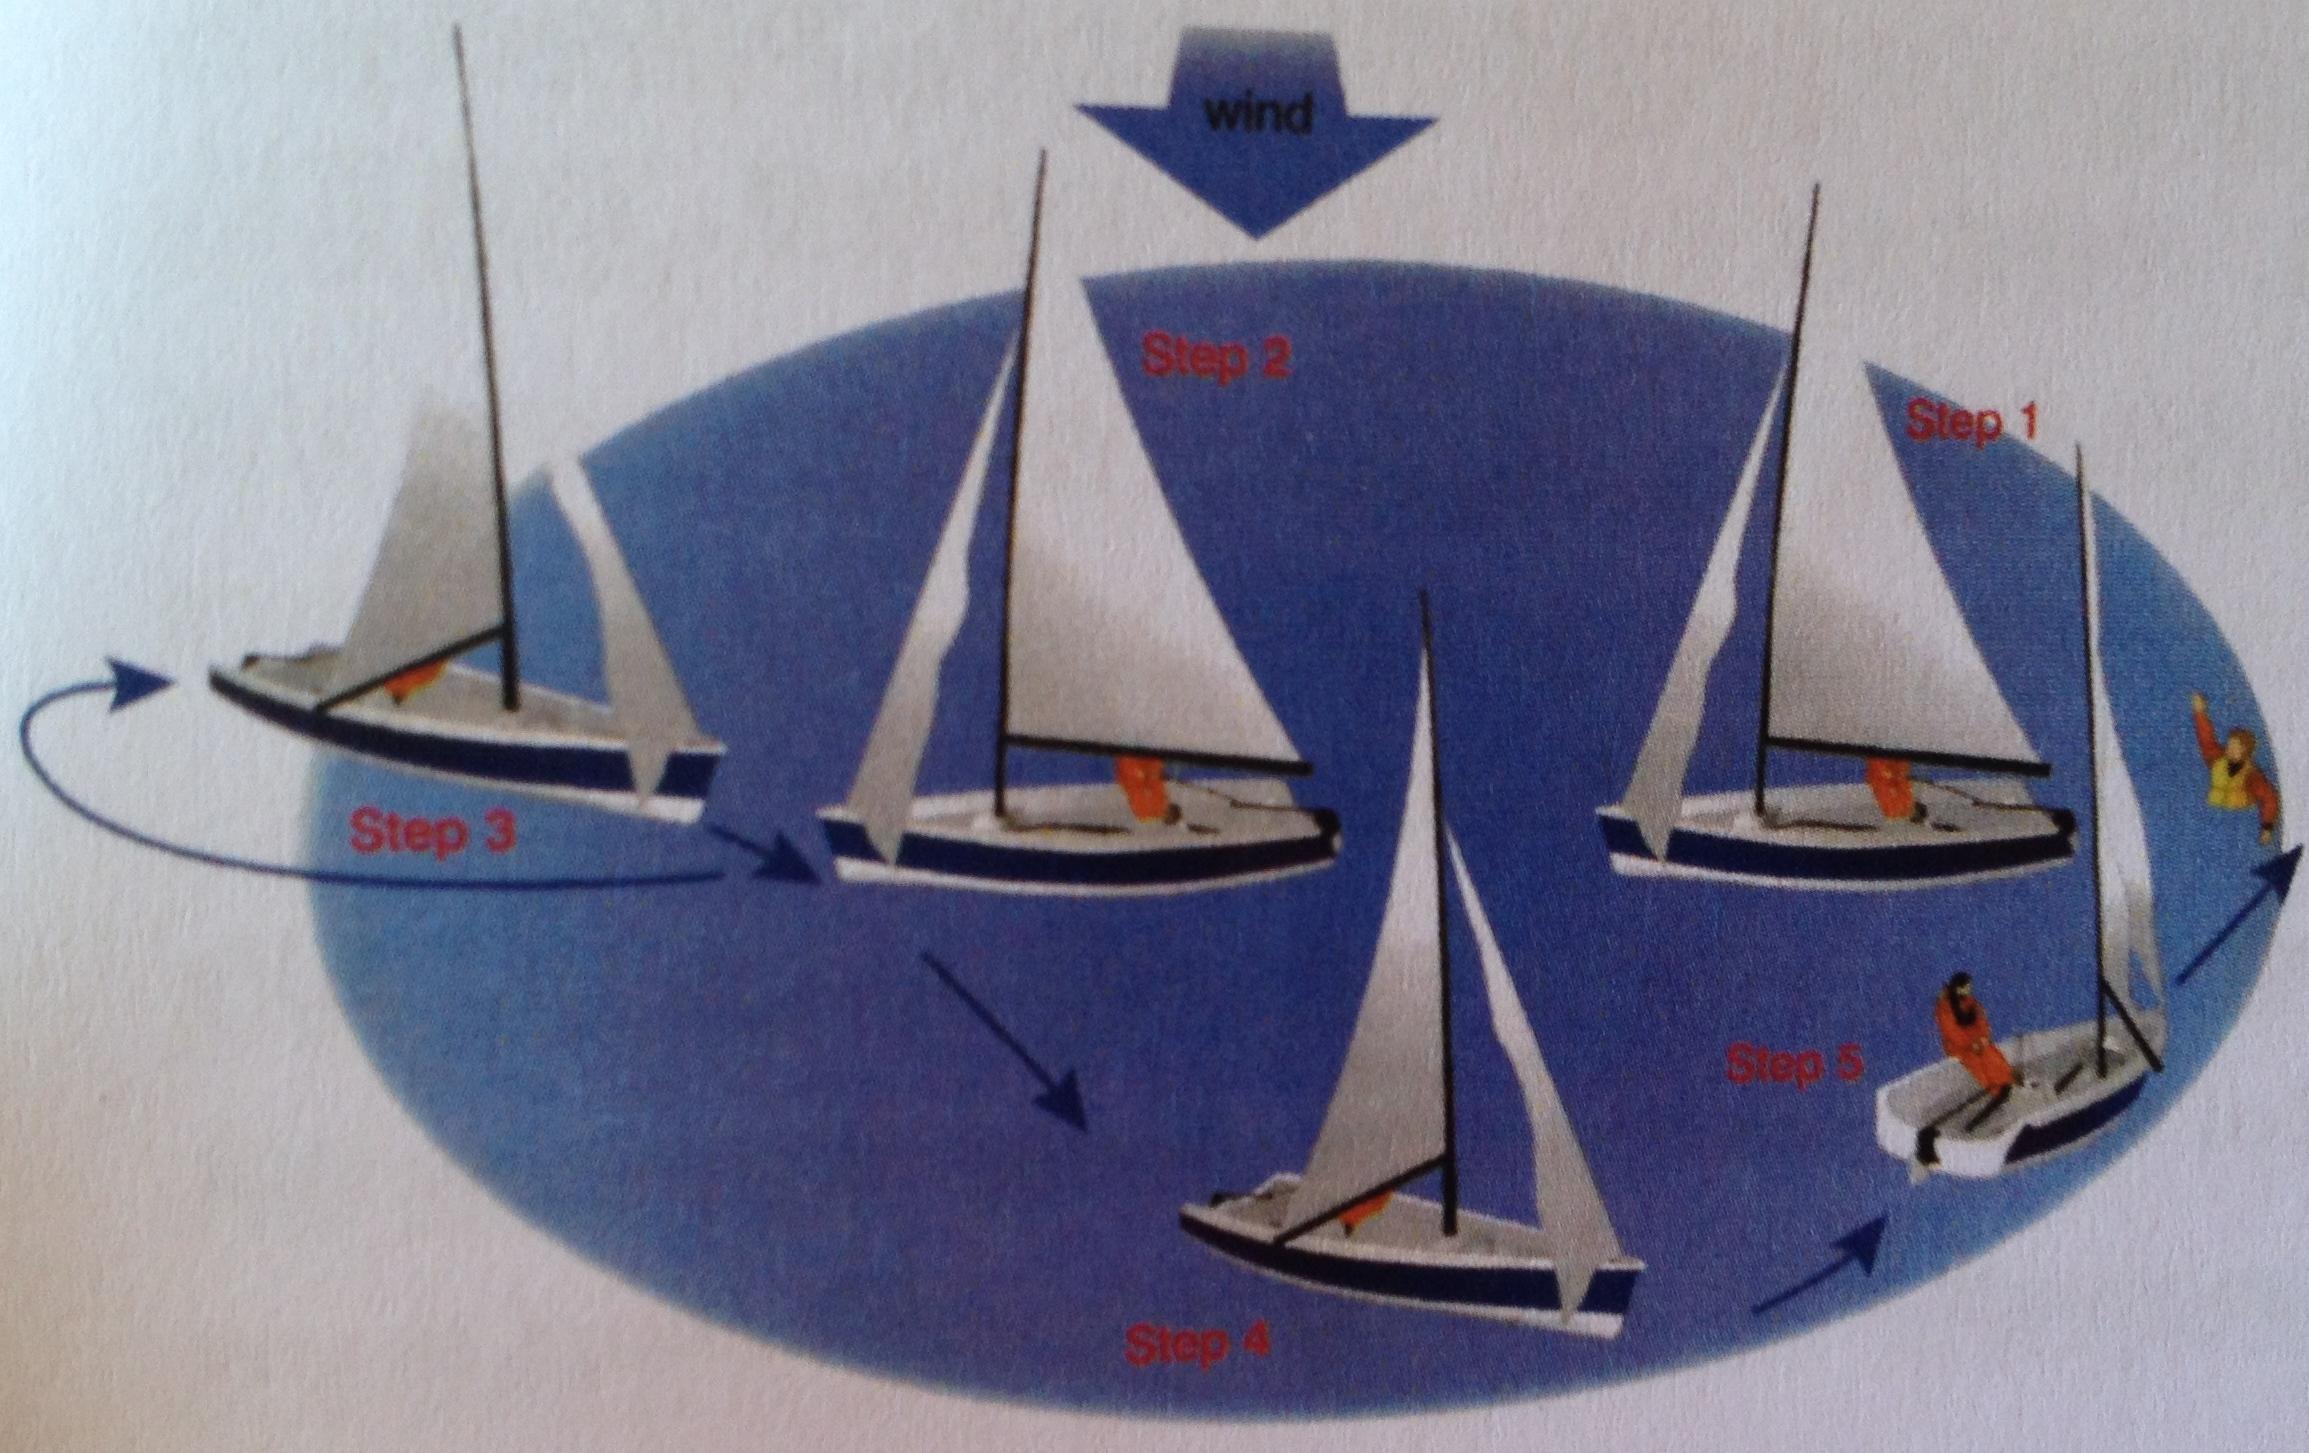 救生衣 航行中若有船员不慎掉入水中,采用以下办法尽快解救。 64d.jpg